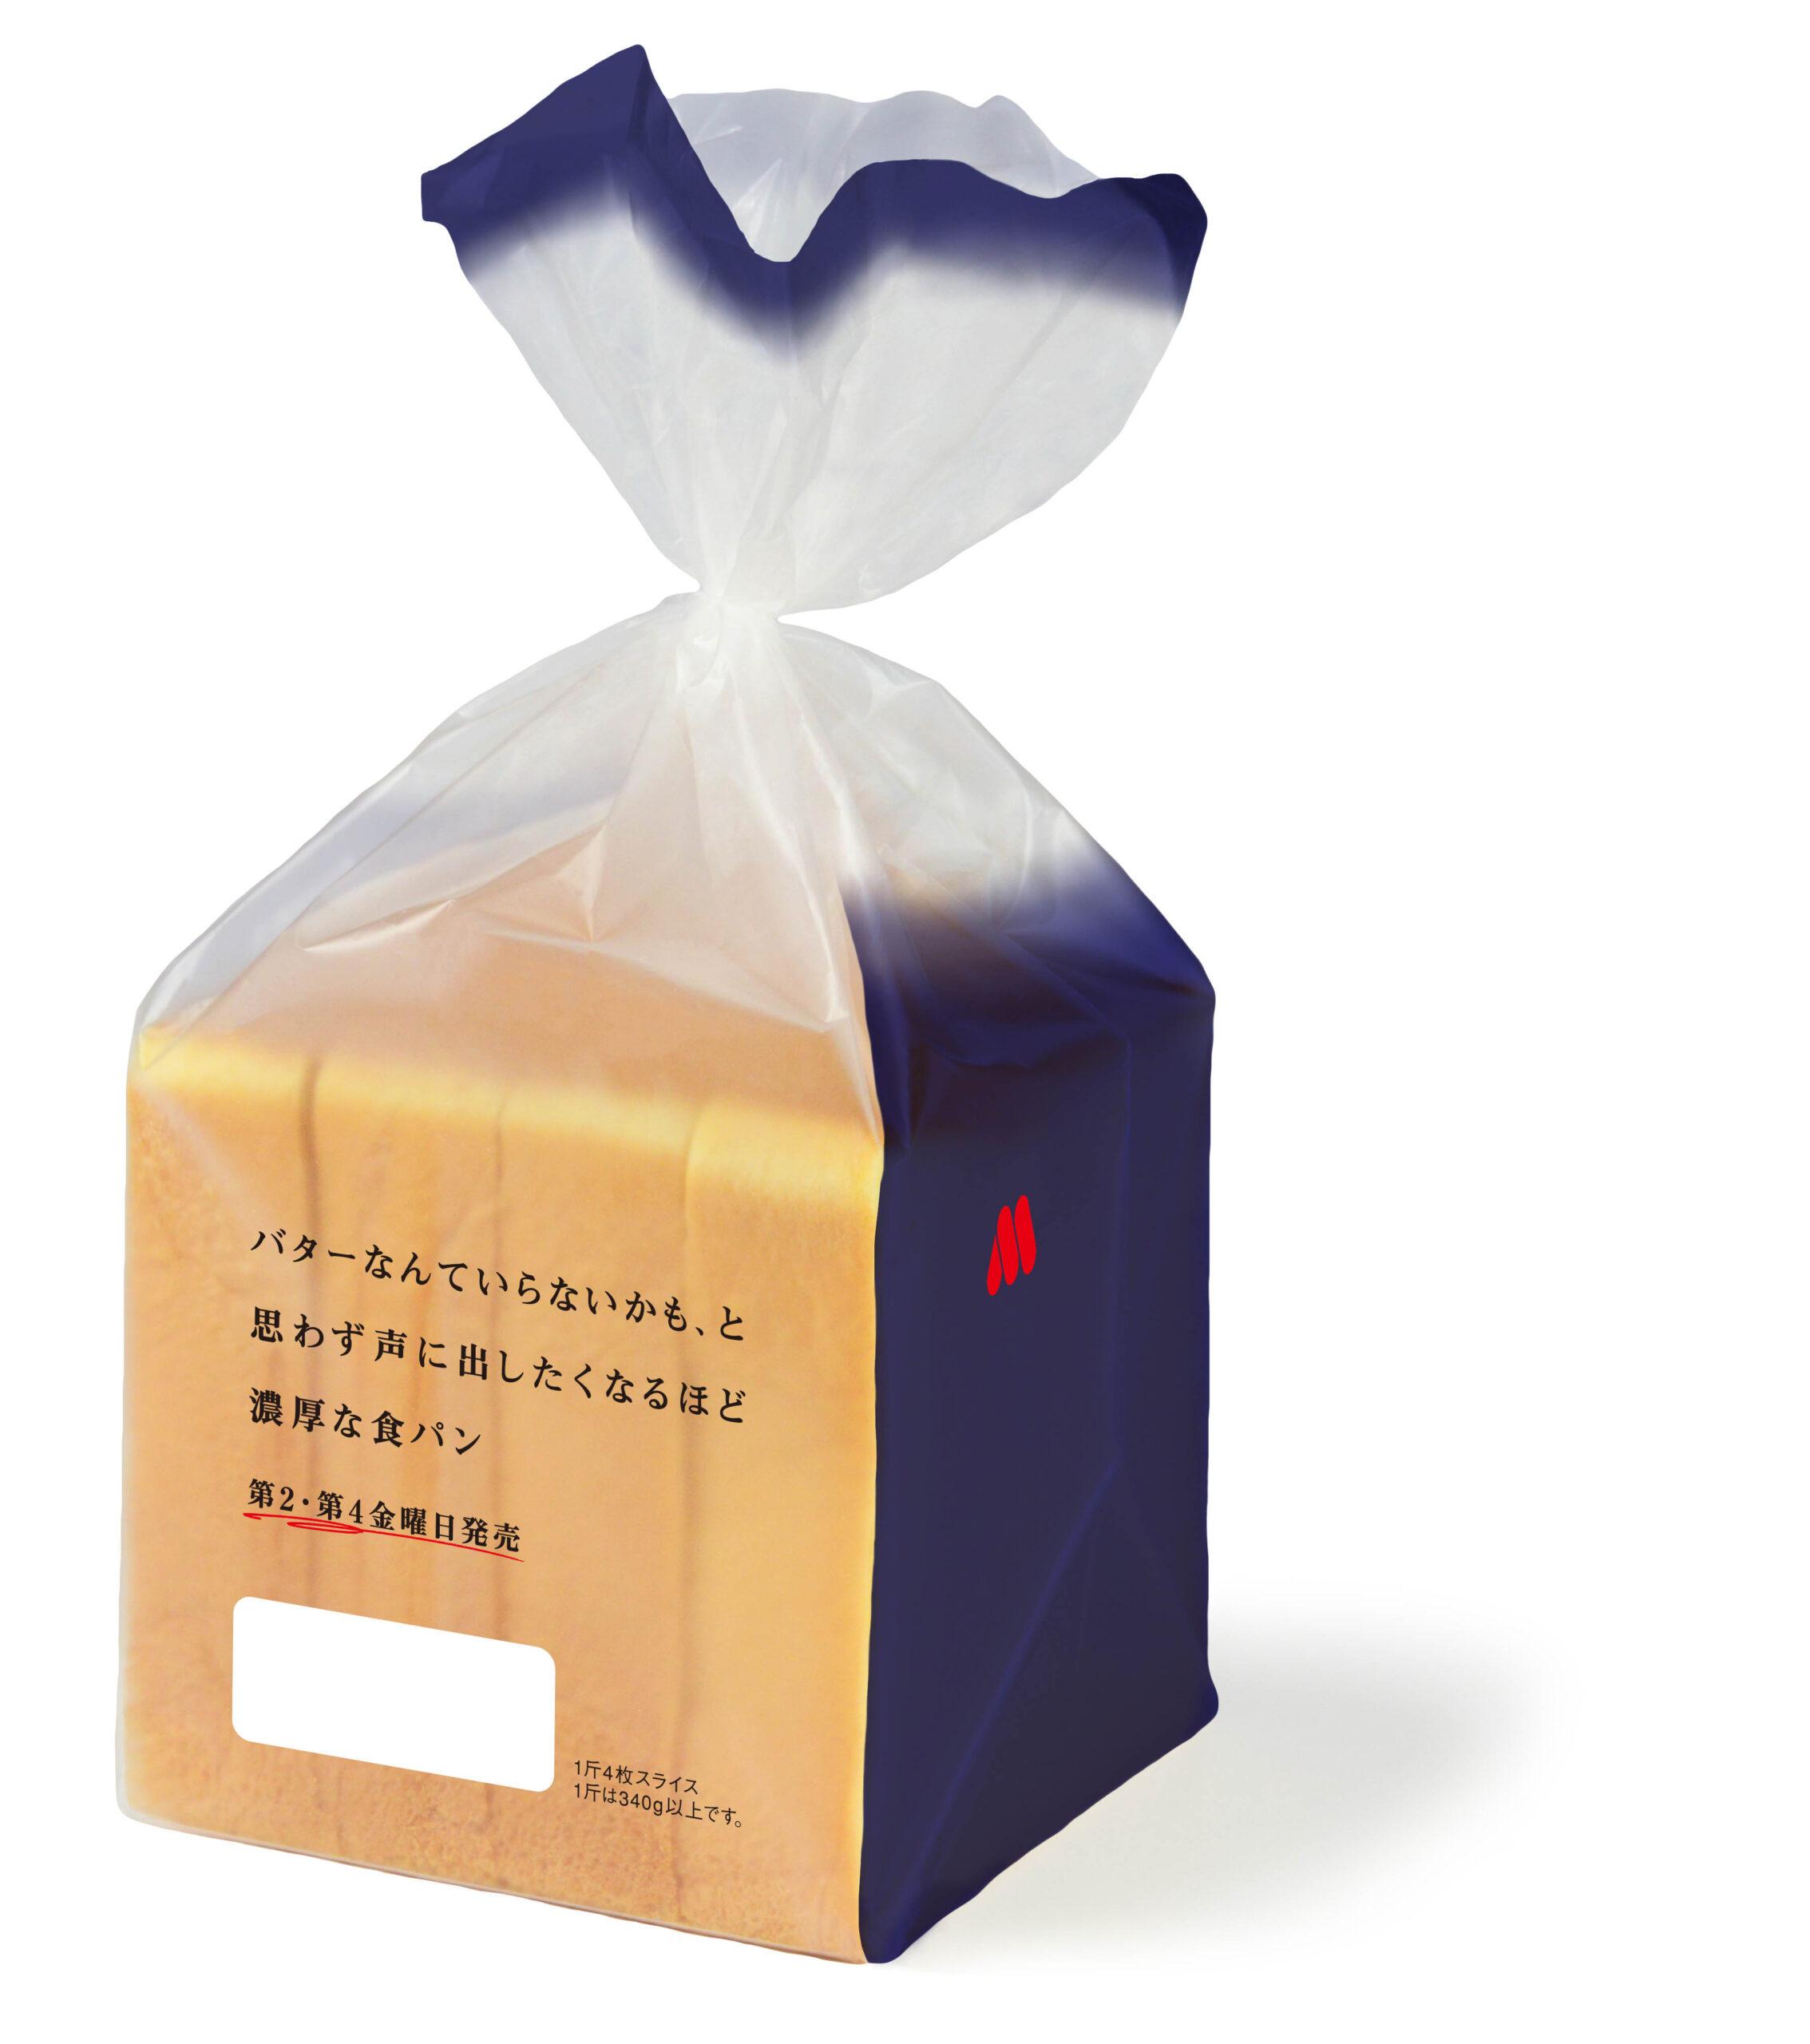 なんとモスが高級食パンを予約制で発売! その名も「バターなんていらないかも、 と思わず声に出したくなるほど濃厚な食パン」